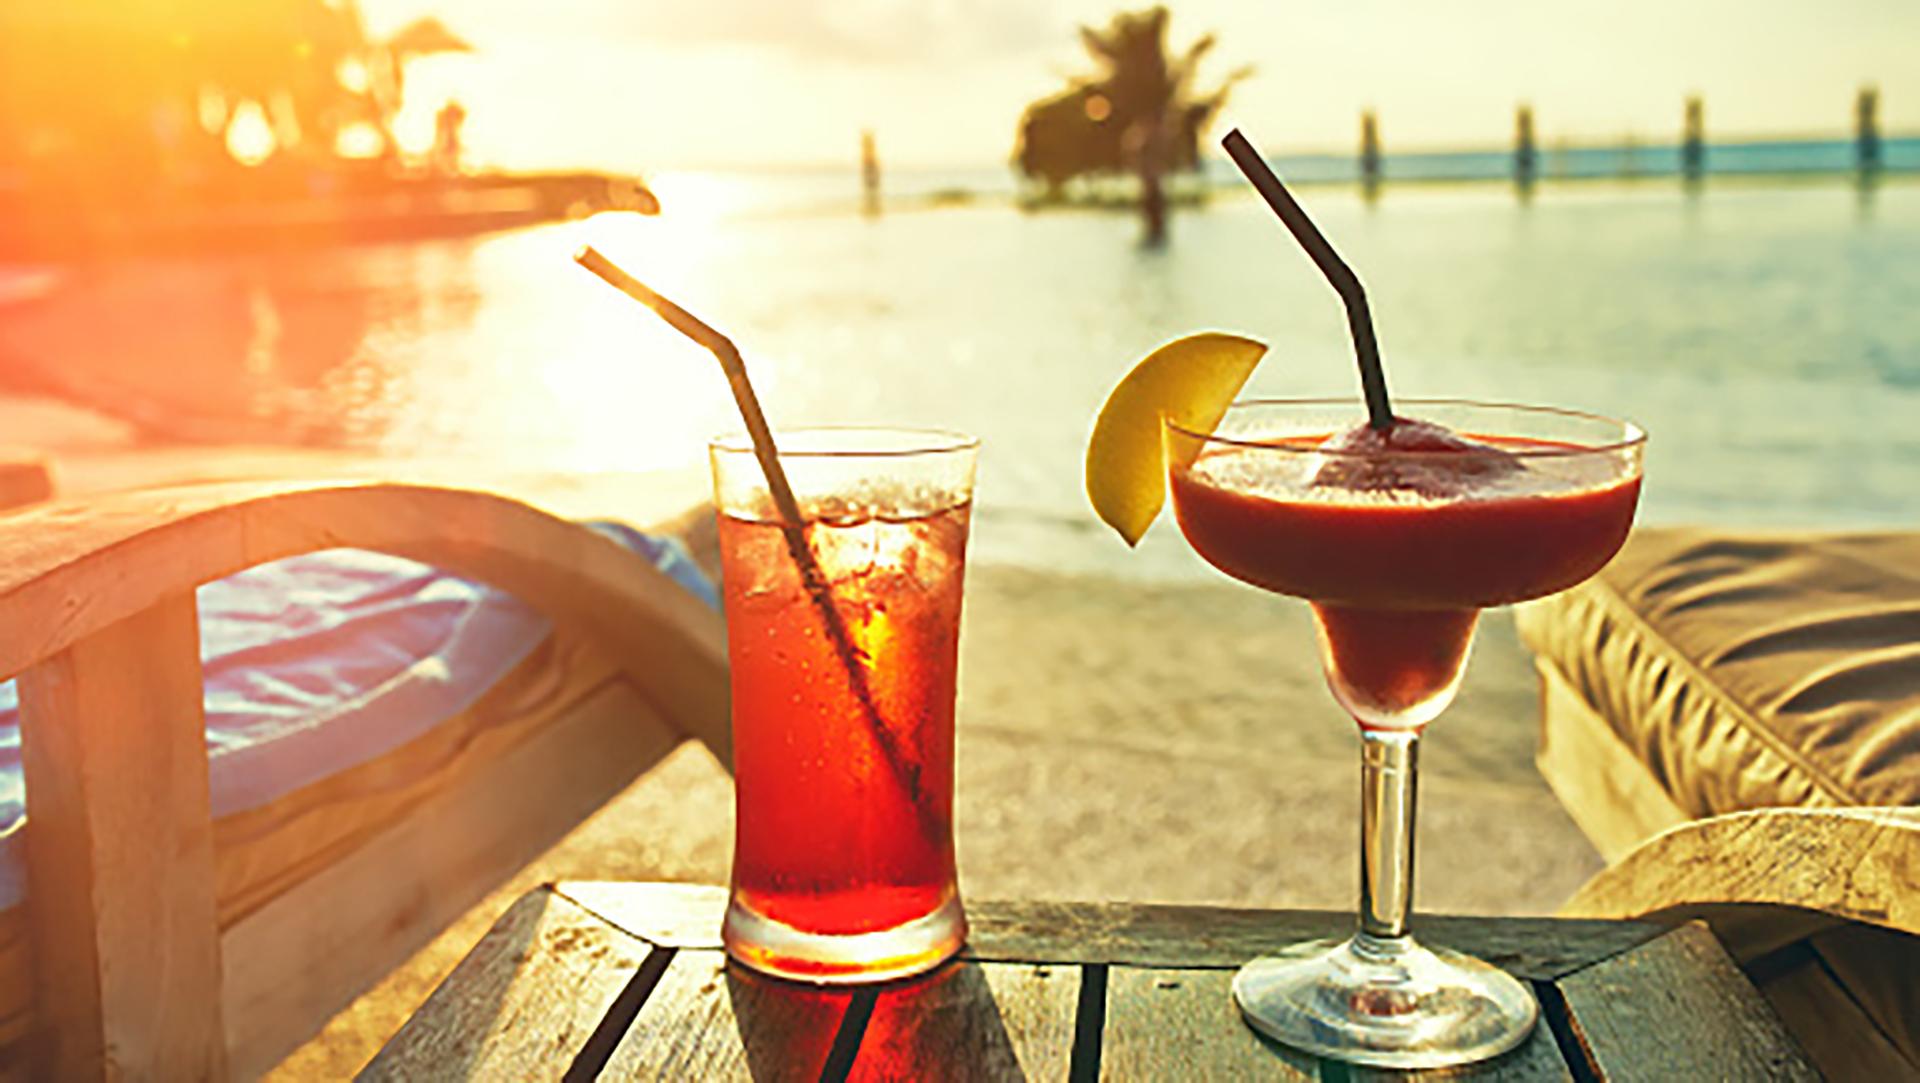 Resultado de imagen para Disfrutar unas bebidas en la playa